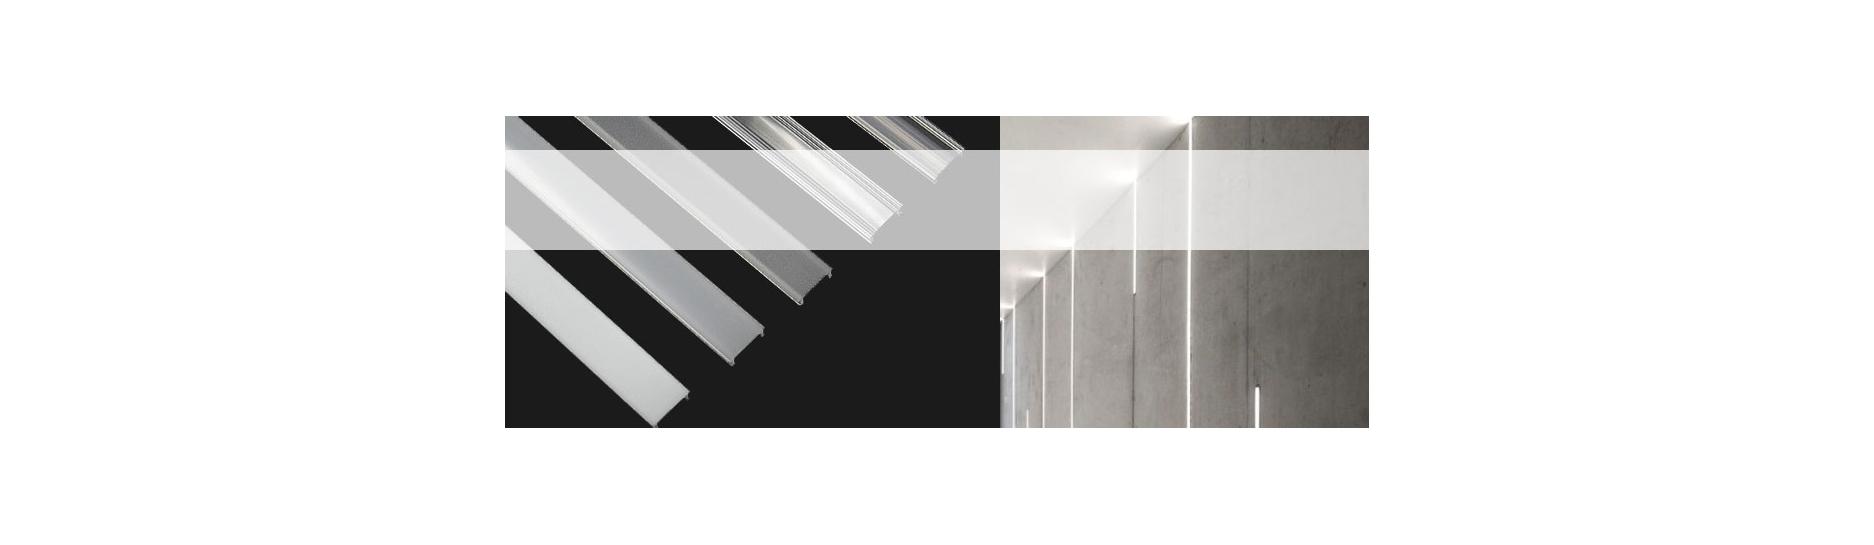 Difuzory pro hliníkové alu profily